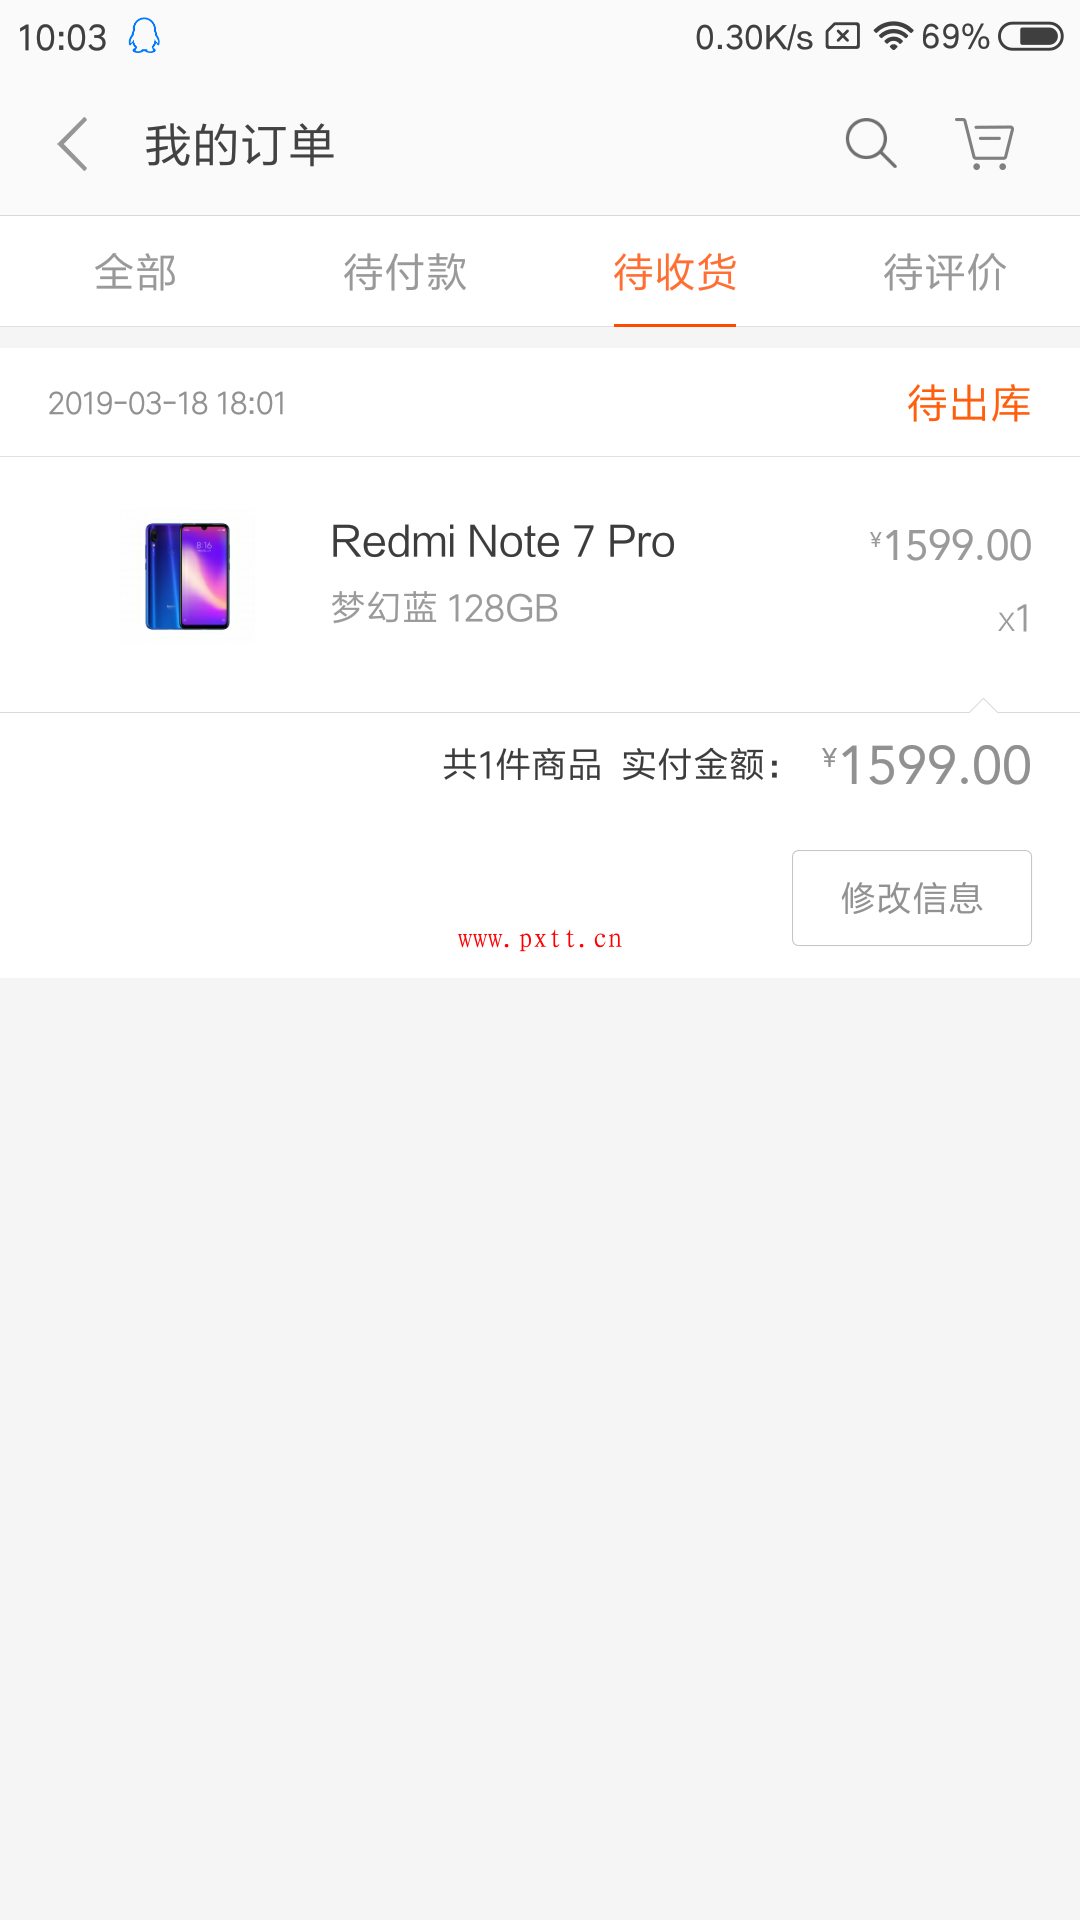 官网购买的红米note7pro开始发货了